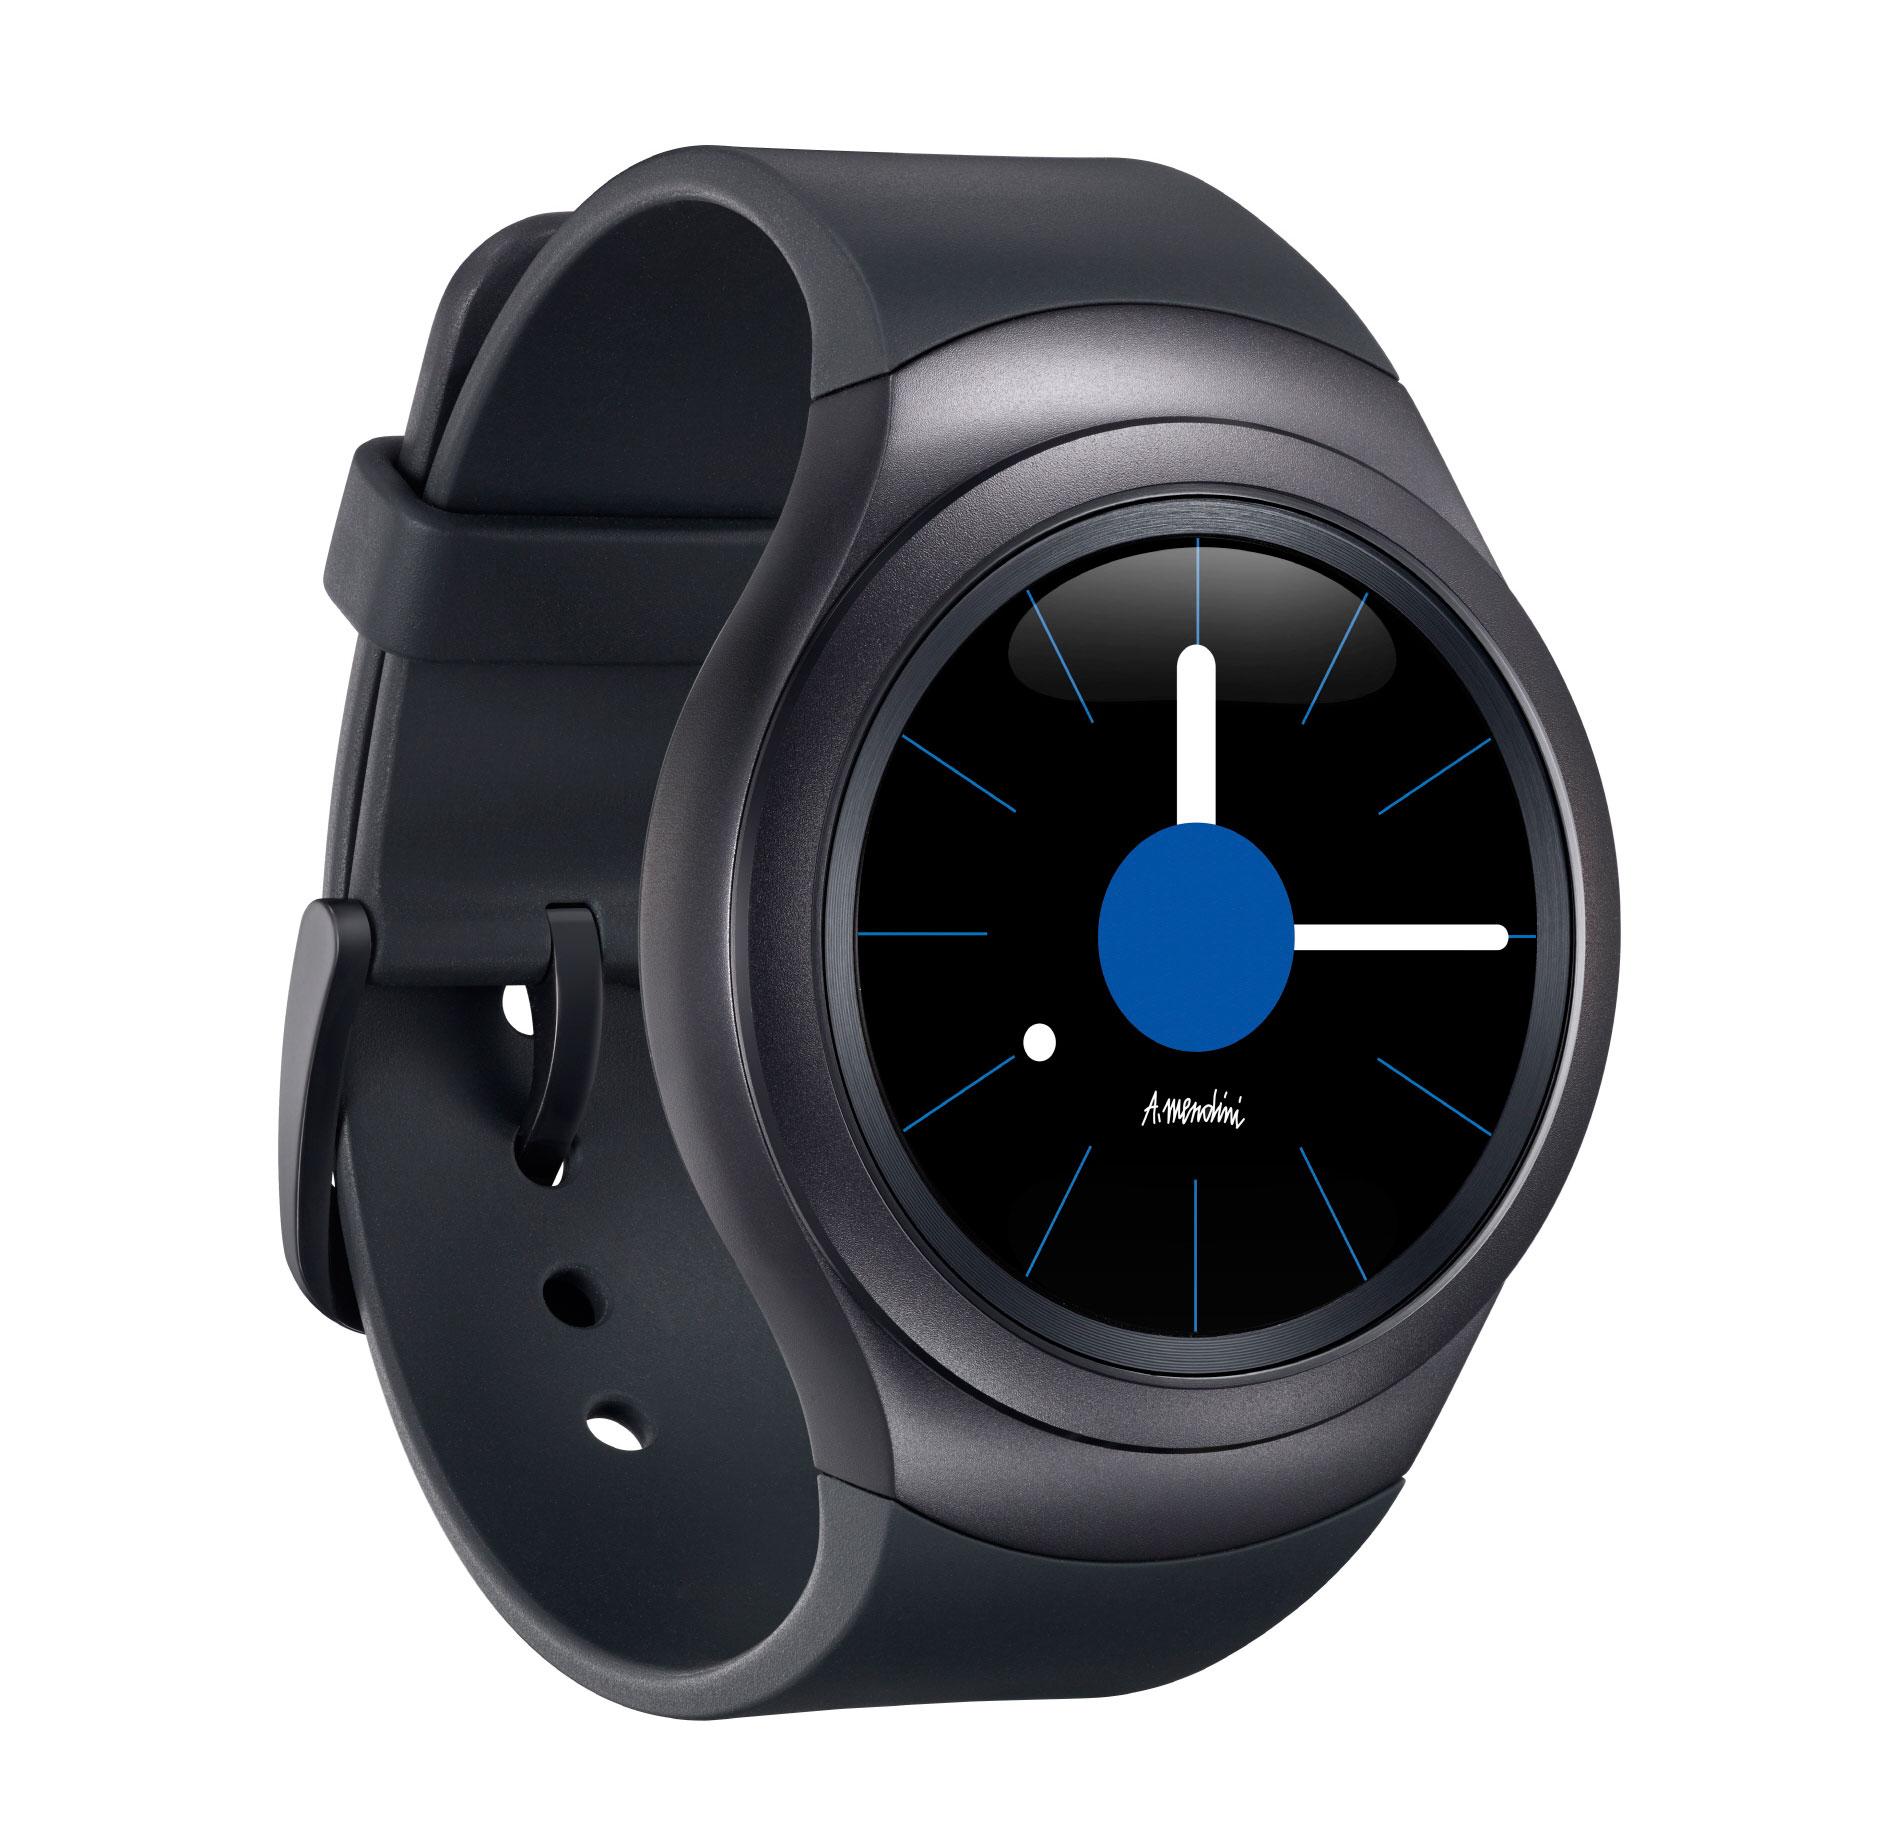 Conoce el Samsung Smartwath galaxy Gear S2 sport negro